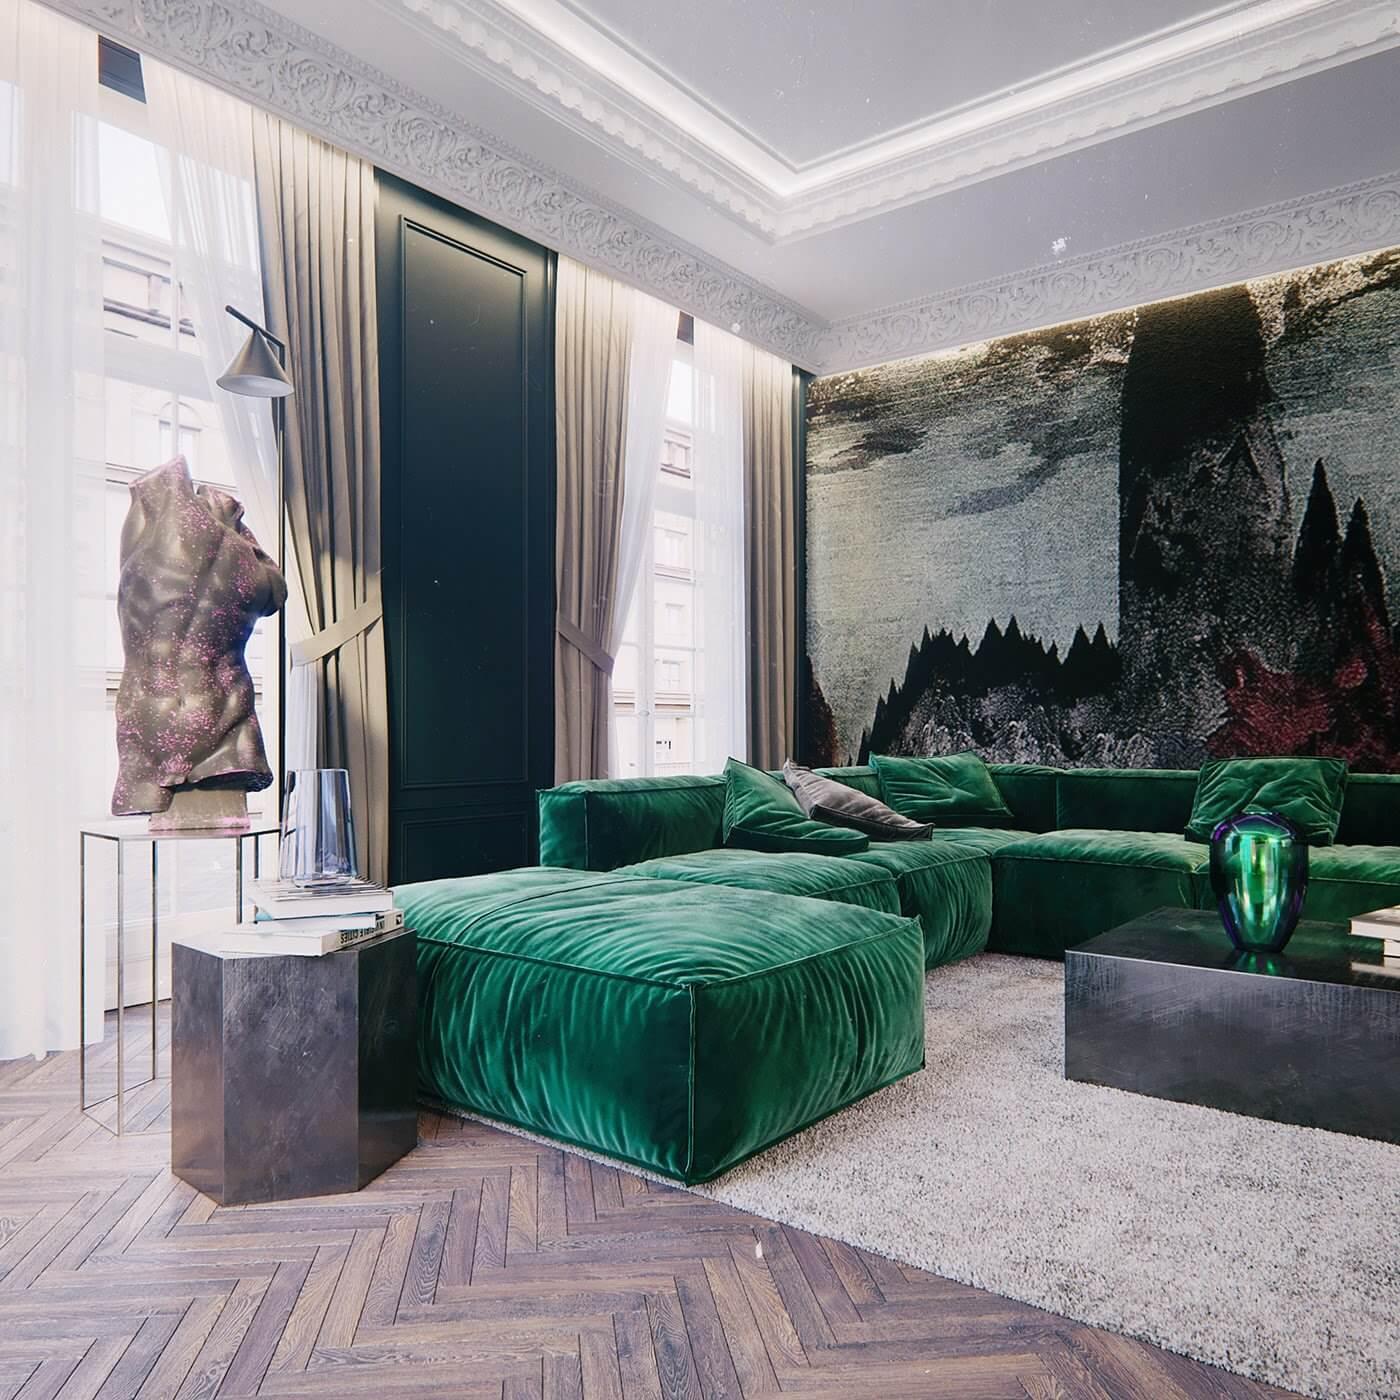 Maison Noire Apartment Paris couch living room - cgi visualization